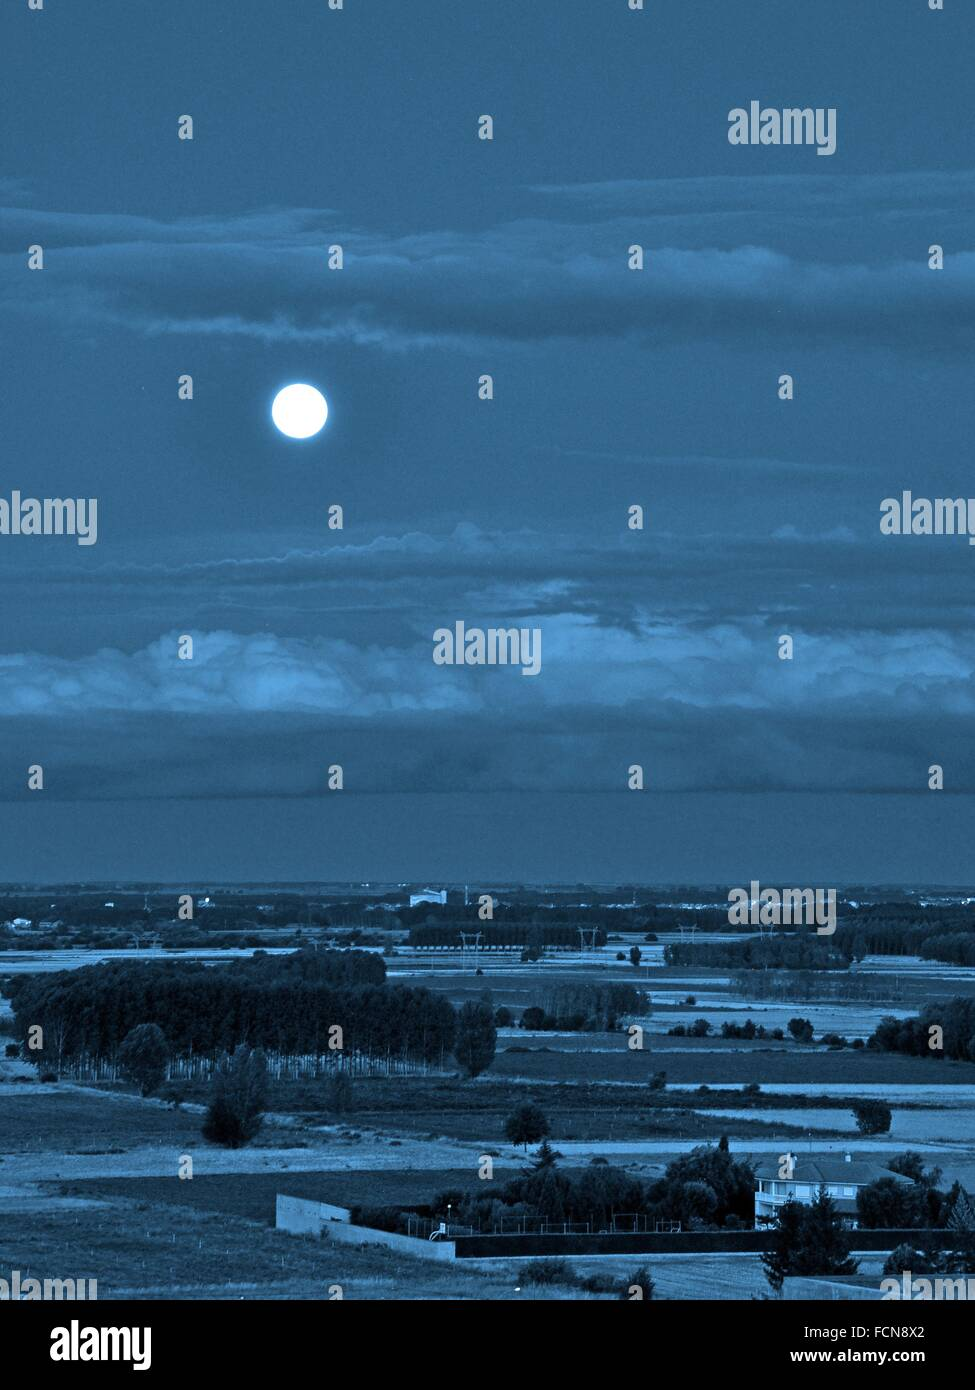 Calendario Traduzione Inglese.Esso Chiamato Luna Blu Blue Moon Traduzione In Inglese